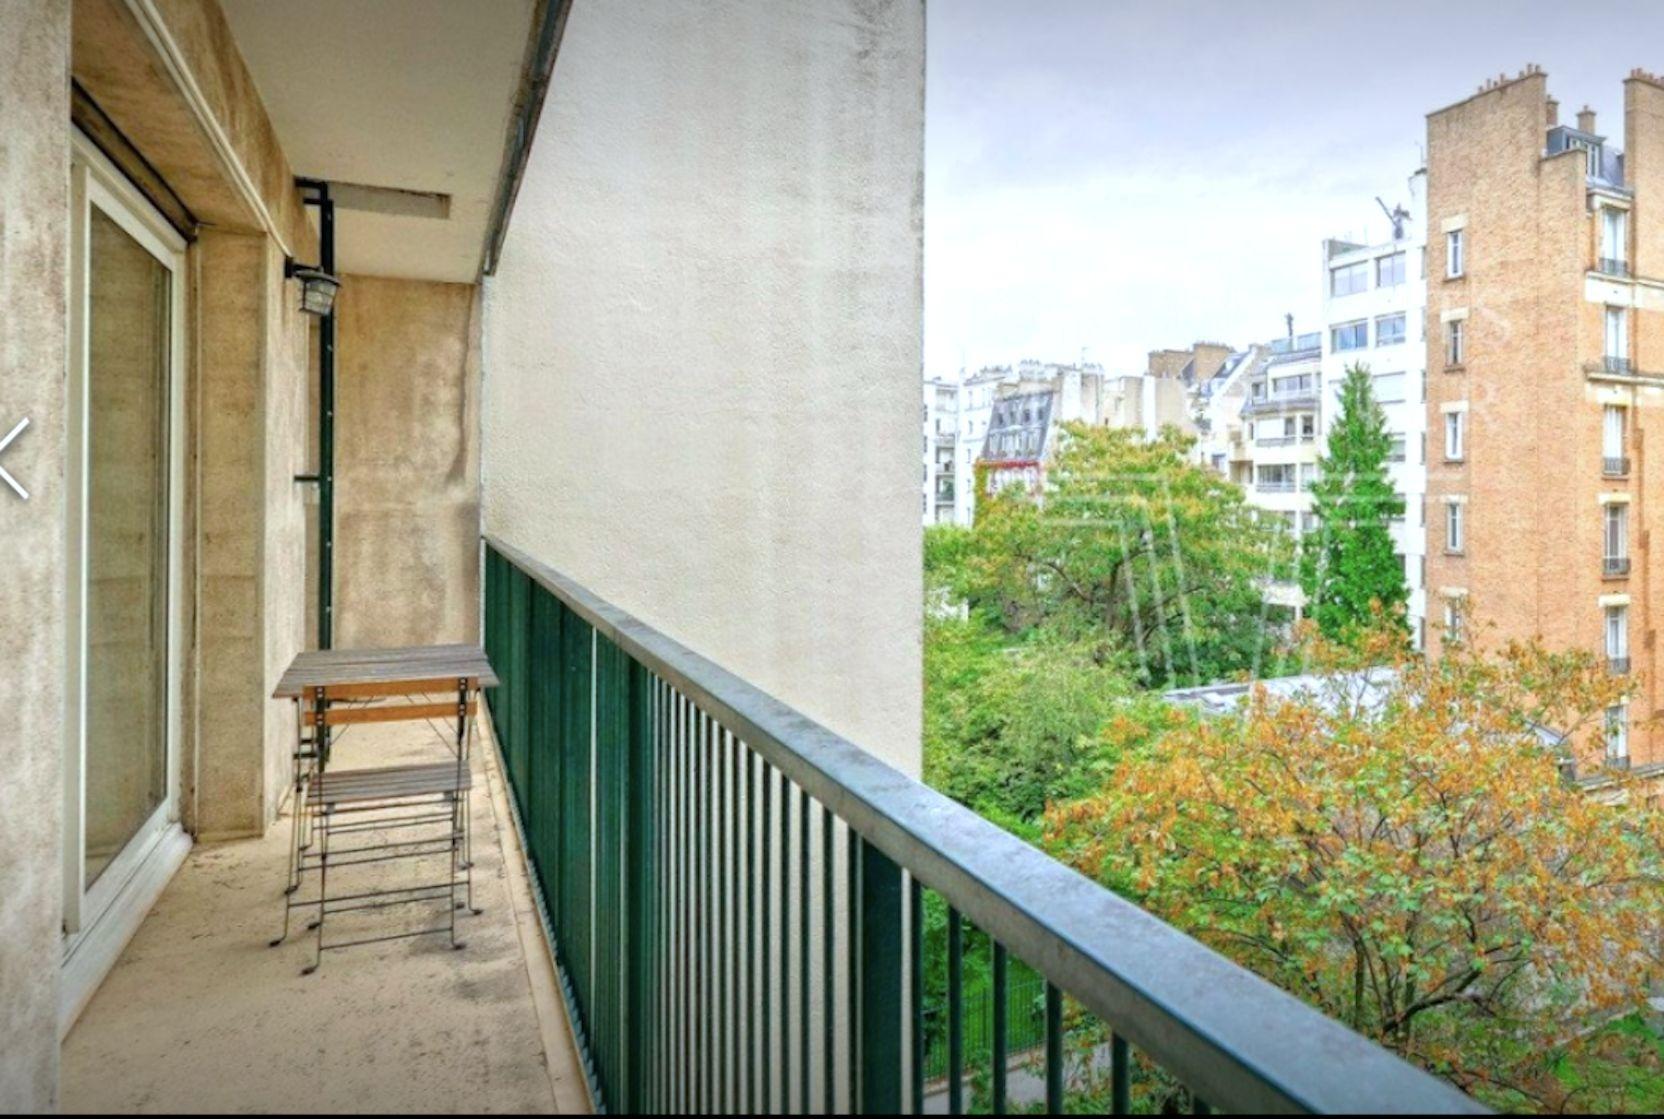 7.balcon-a-vendre-paris-16-la-clef-des-villes-agence-immobiliere-off-market